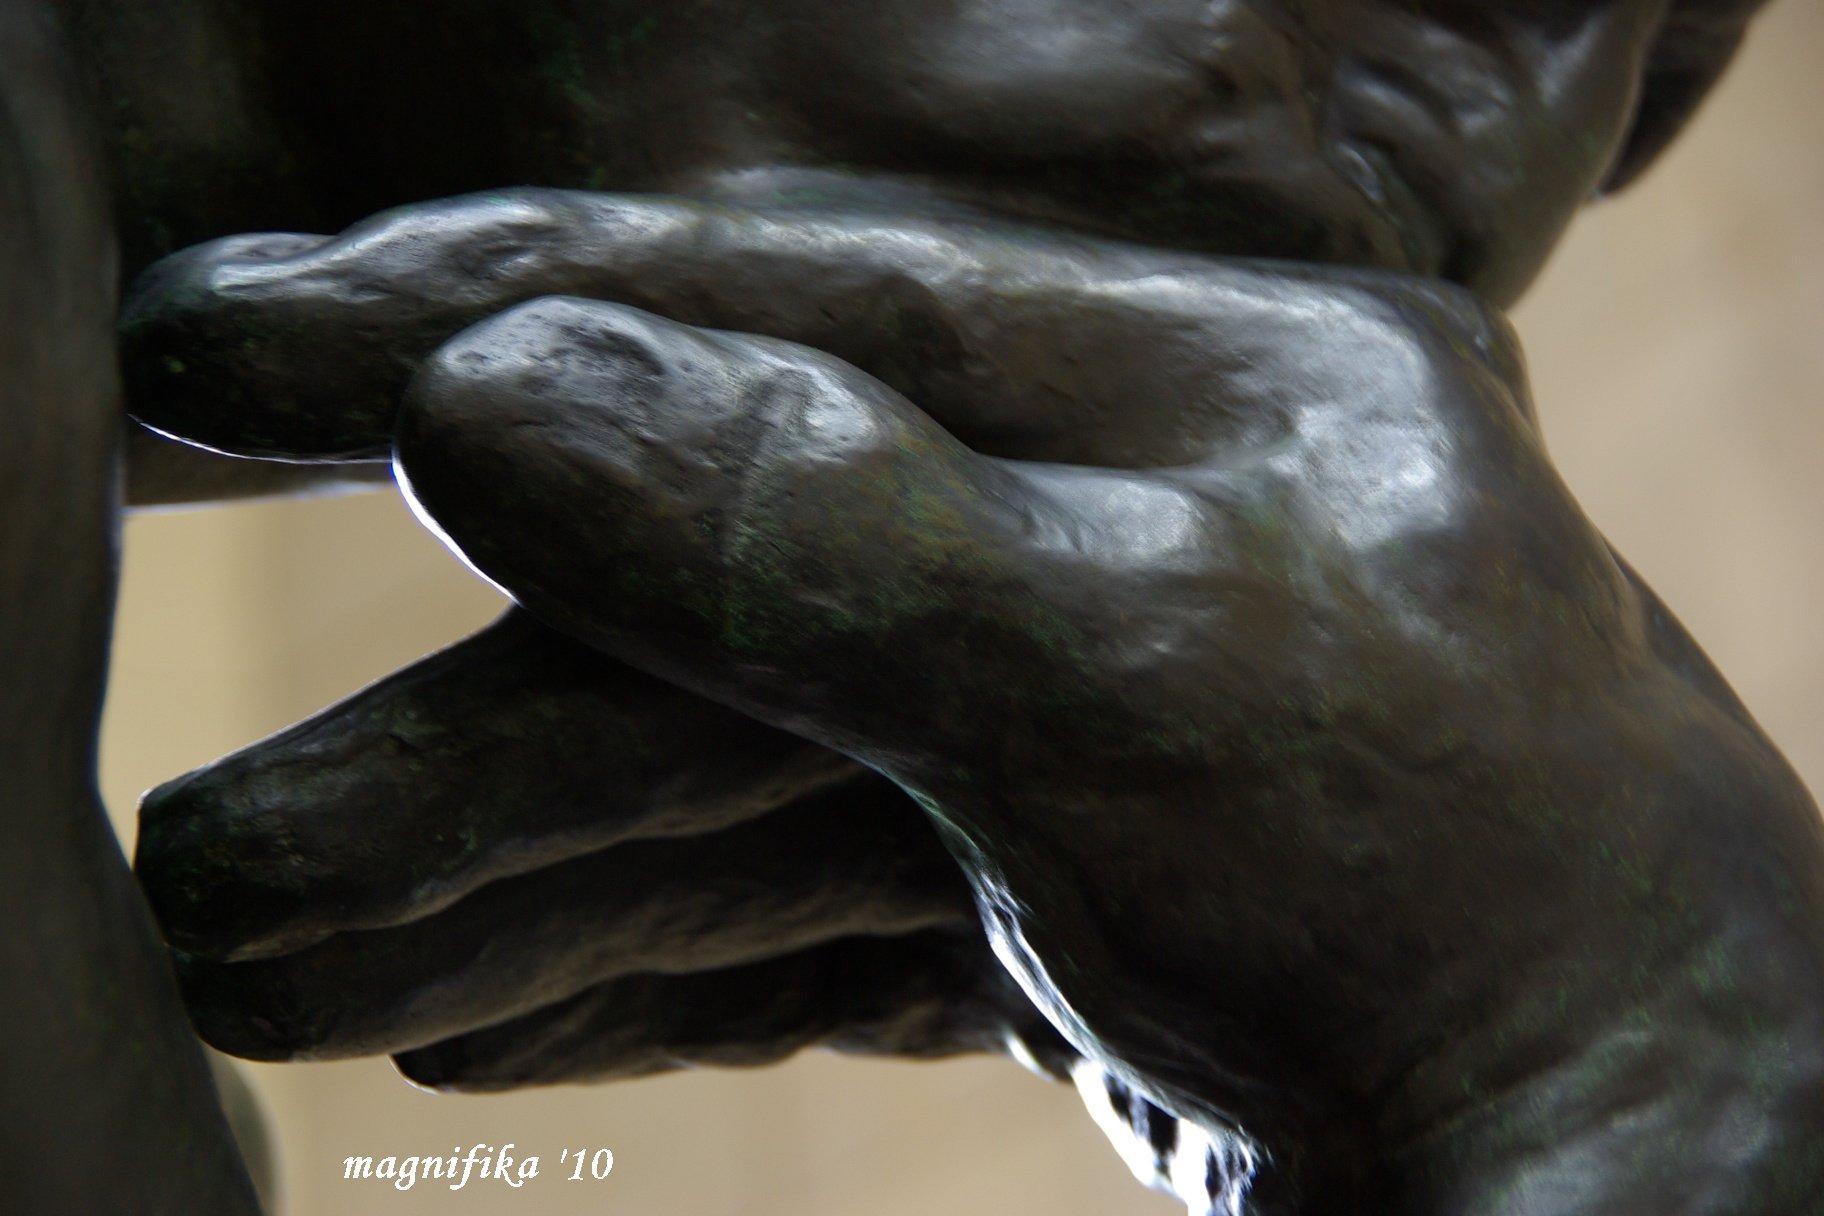 静岡県立美術館 ロダン館-1 Rodin Wing of Shizuoka Pref. Museum of Art_e0140365_20555465.jpg